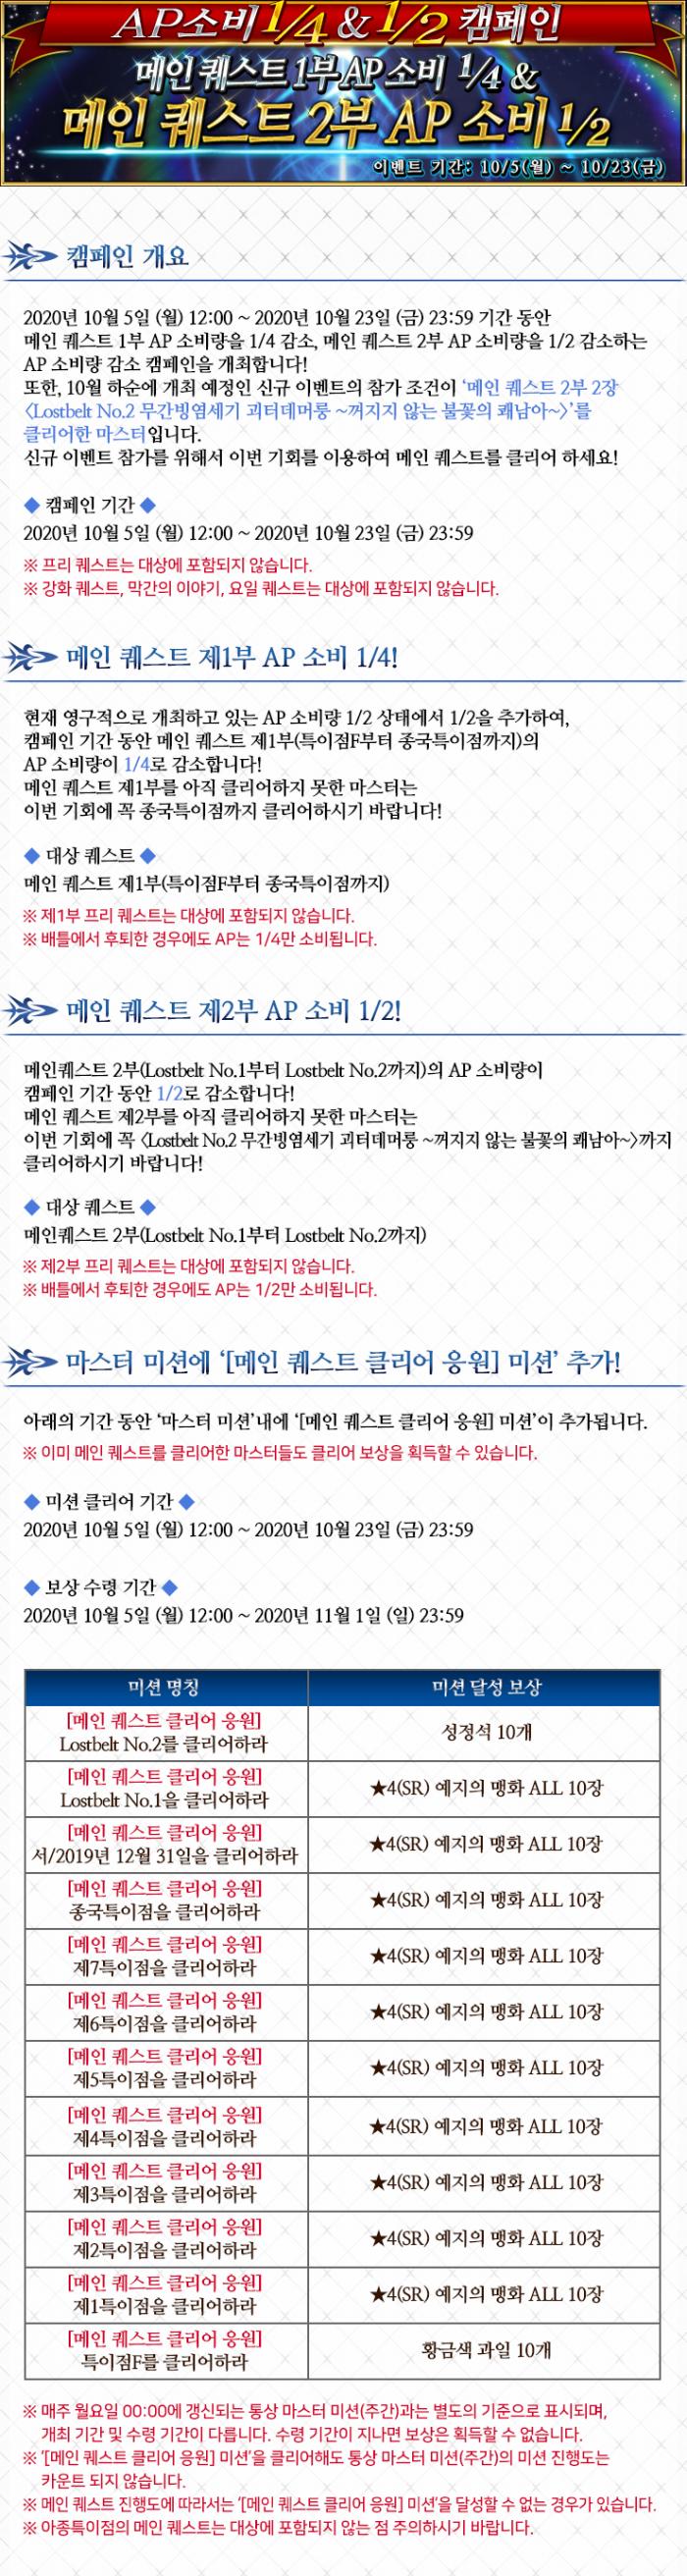 201005_메인_퀘스트_AP_할인_캠페인_수정.png